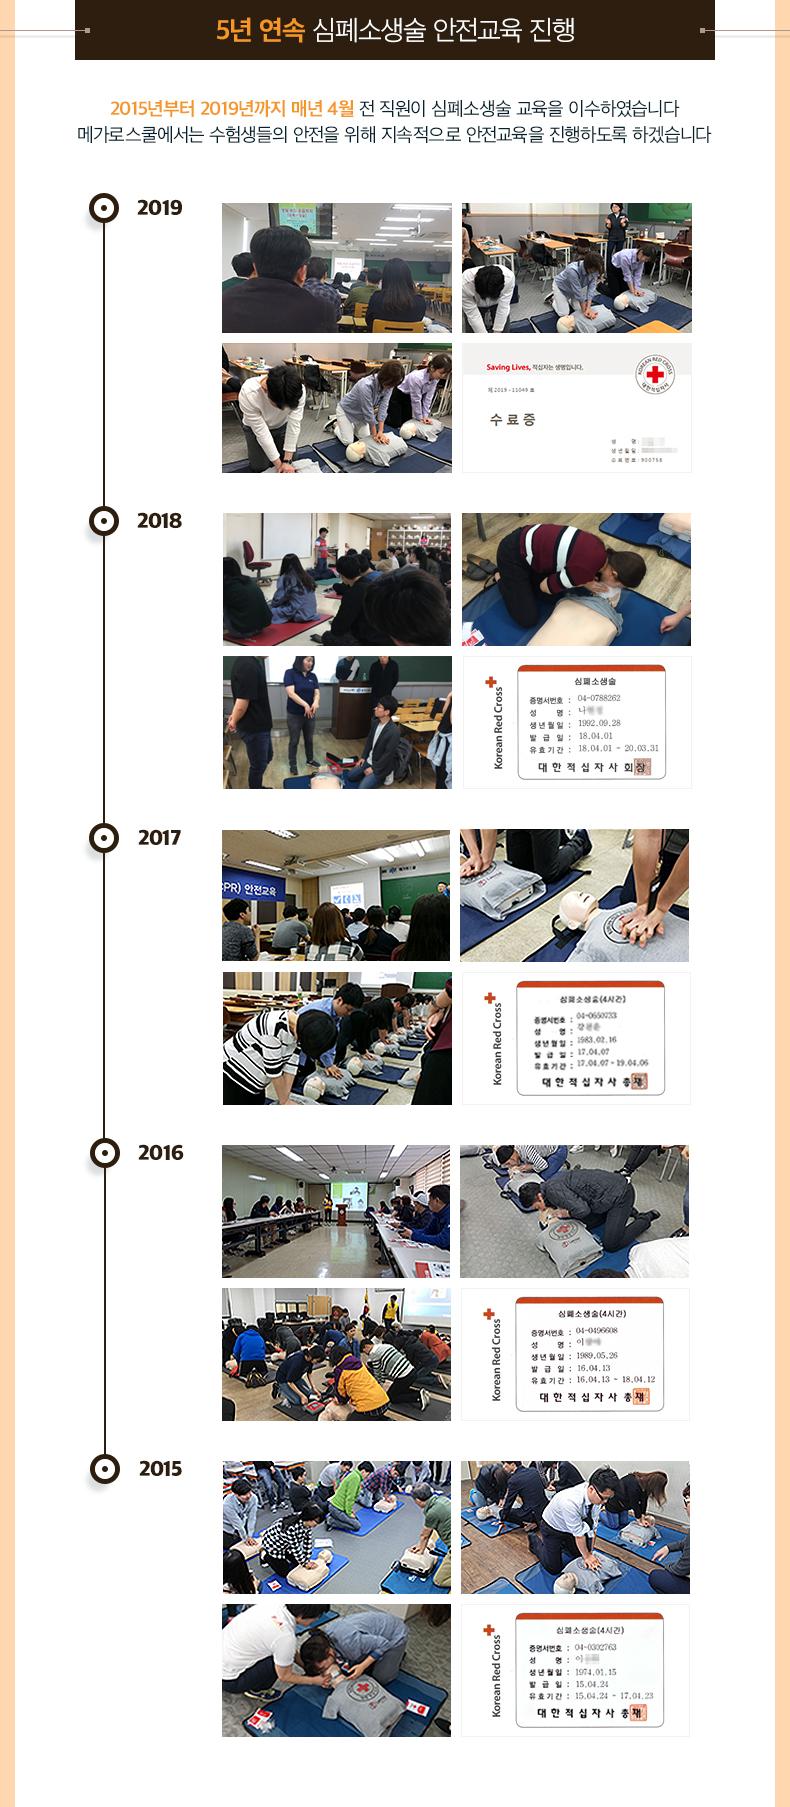 5년 연속 심폐소생술 안전교육 진행